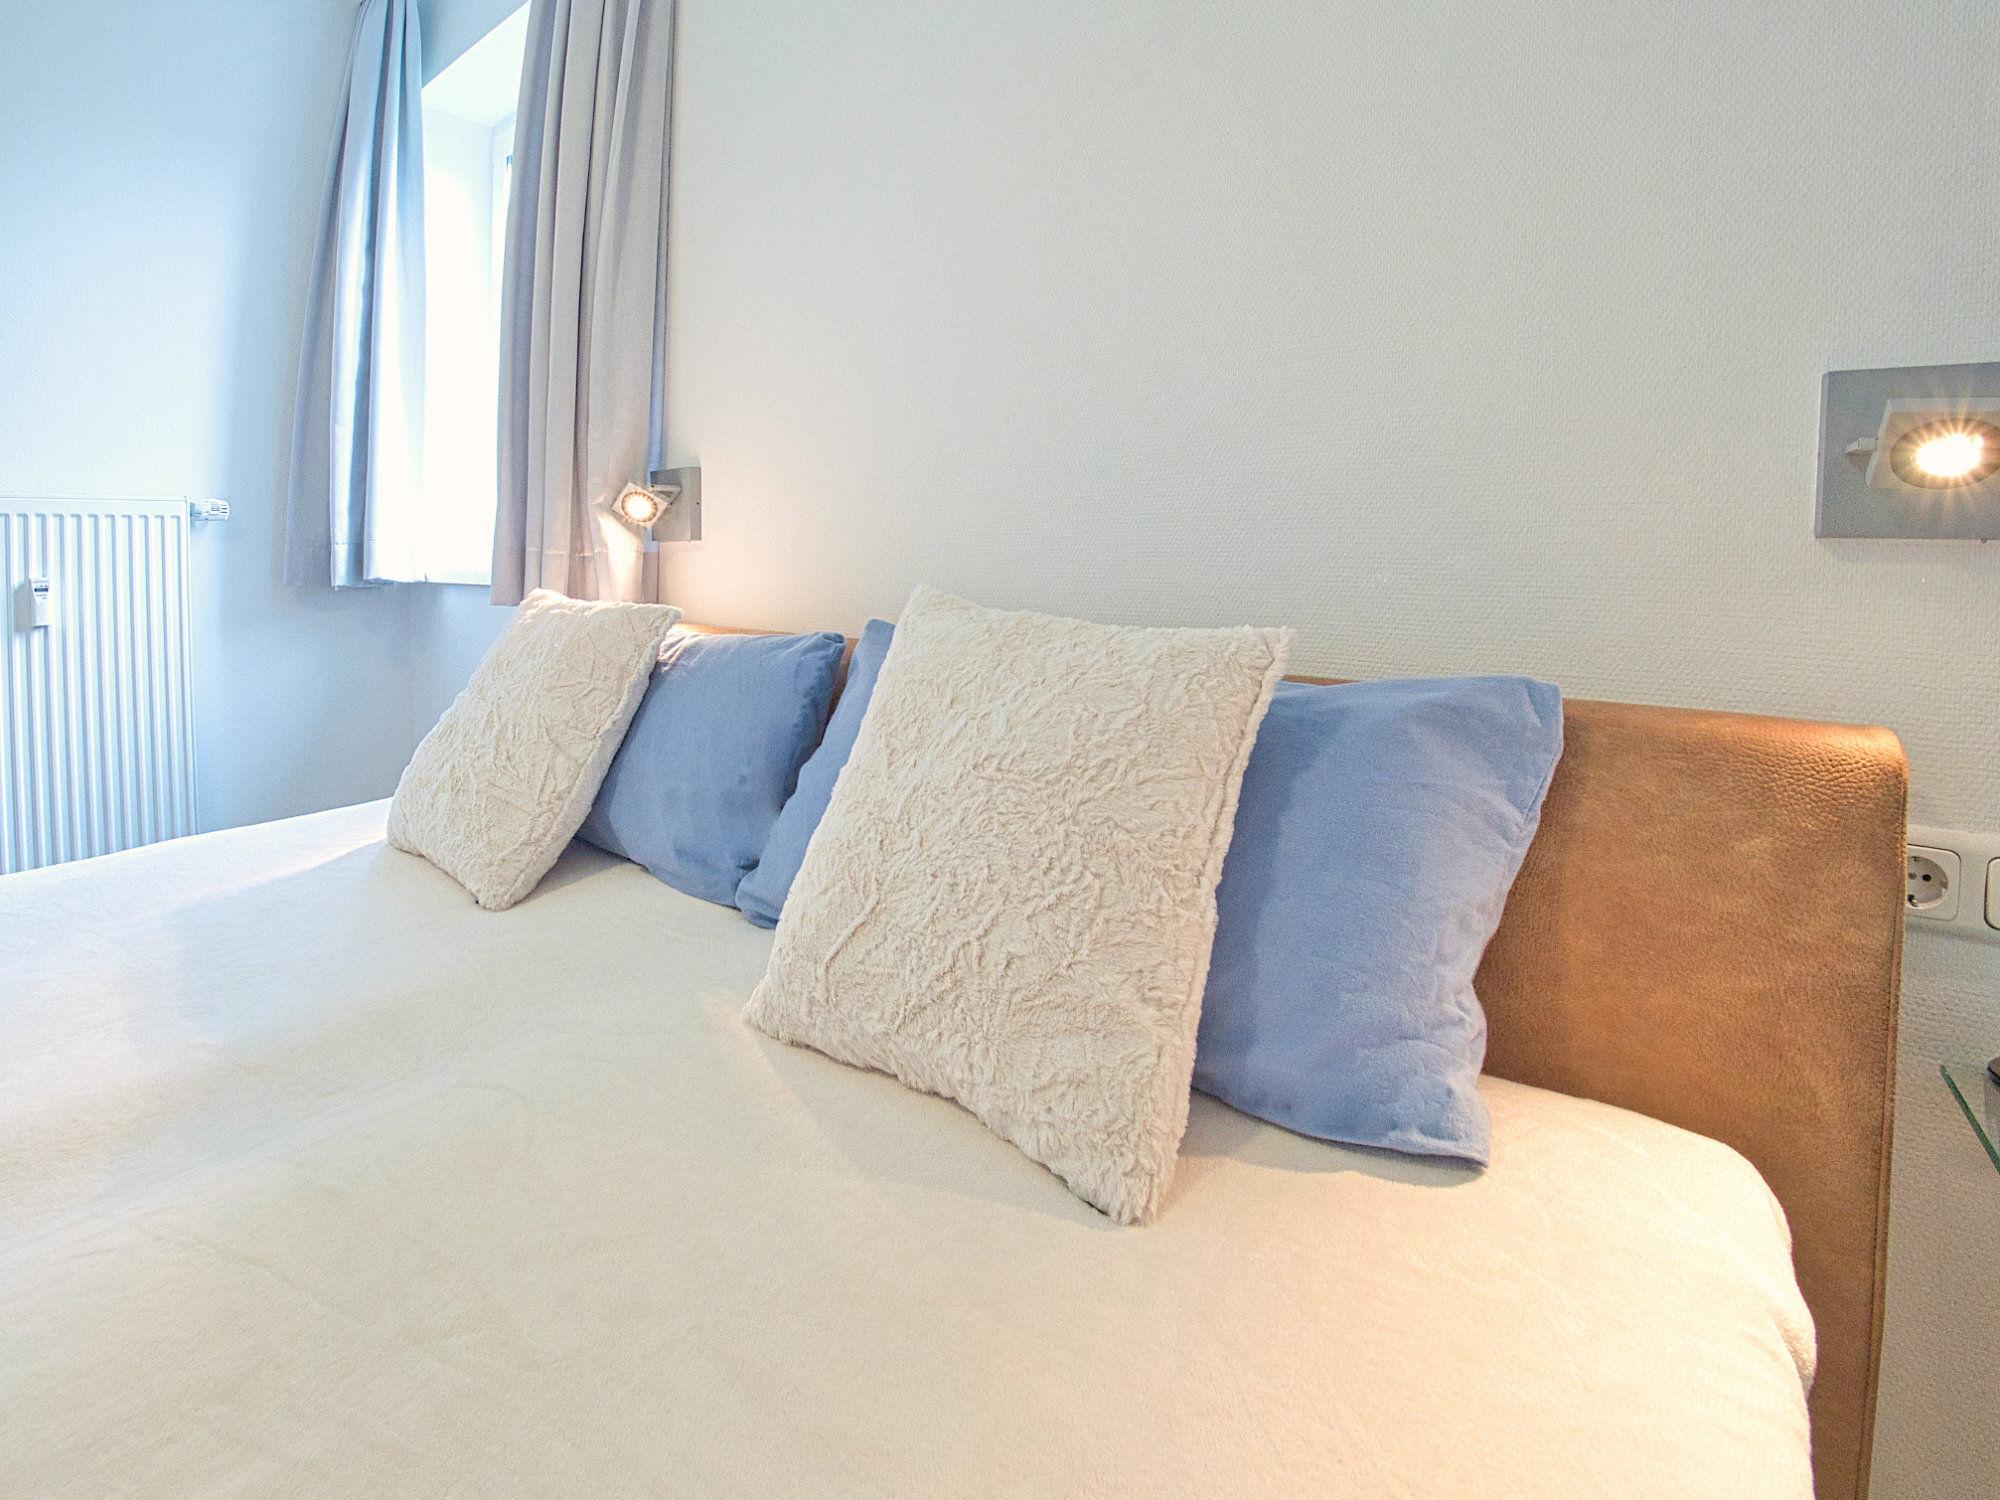 Schlafzimmer mit Doppelbett,  Blick auf das Kopfteil mit Kissen und Fenster